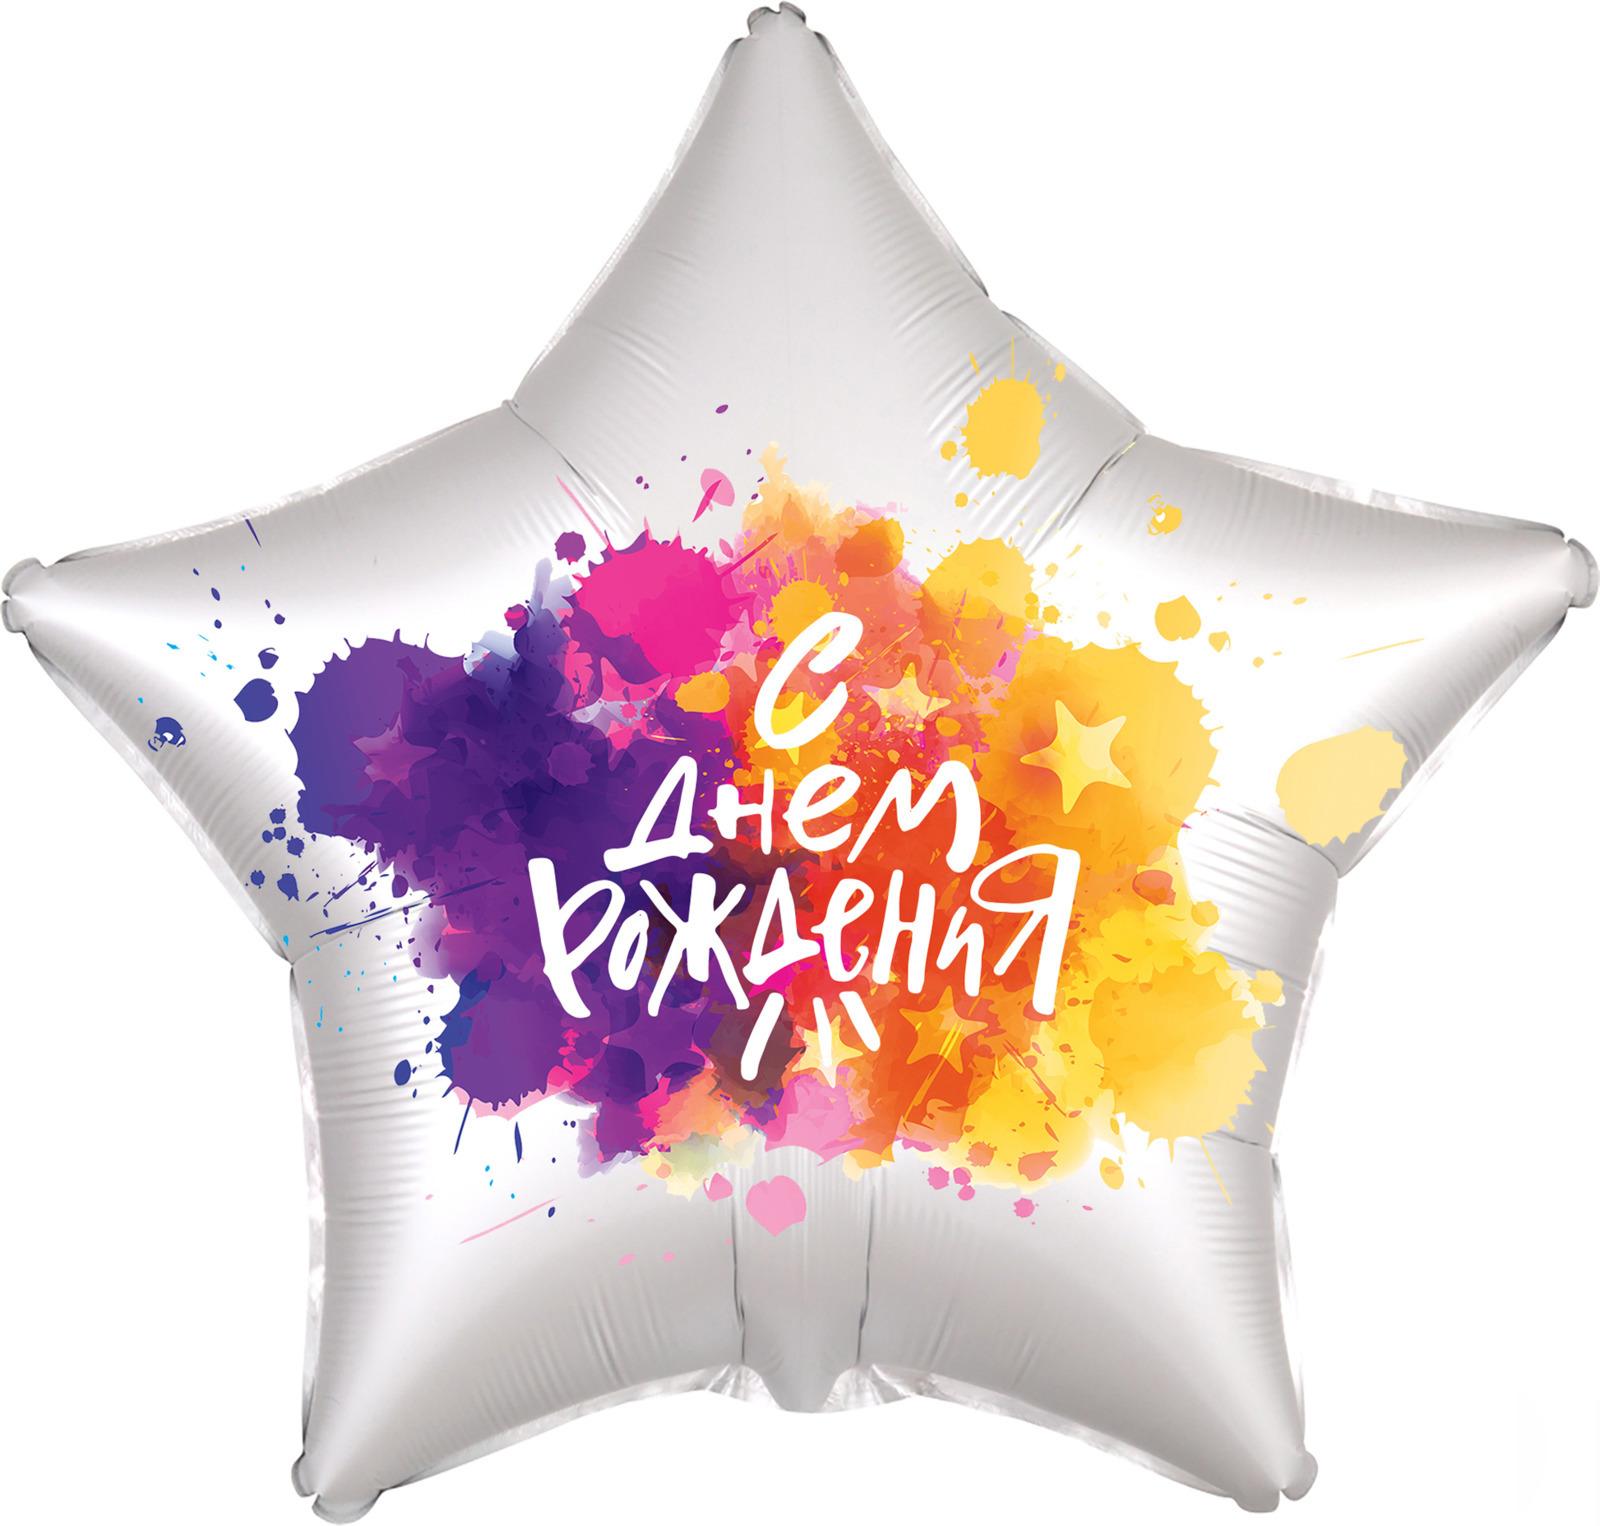 Шары звезды фольгированные Звездочка С Днем Рождения 1032828577.jpg